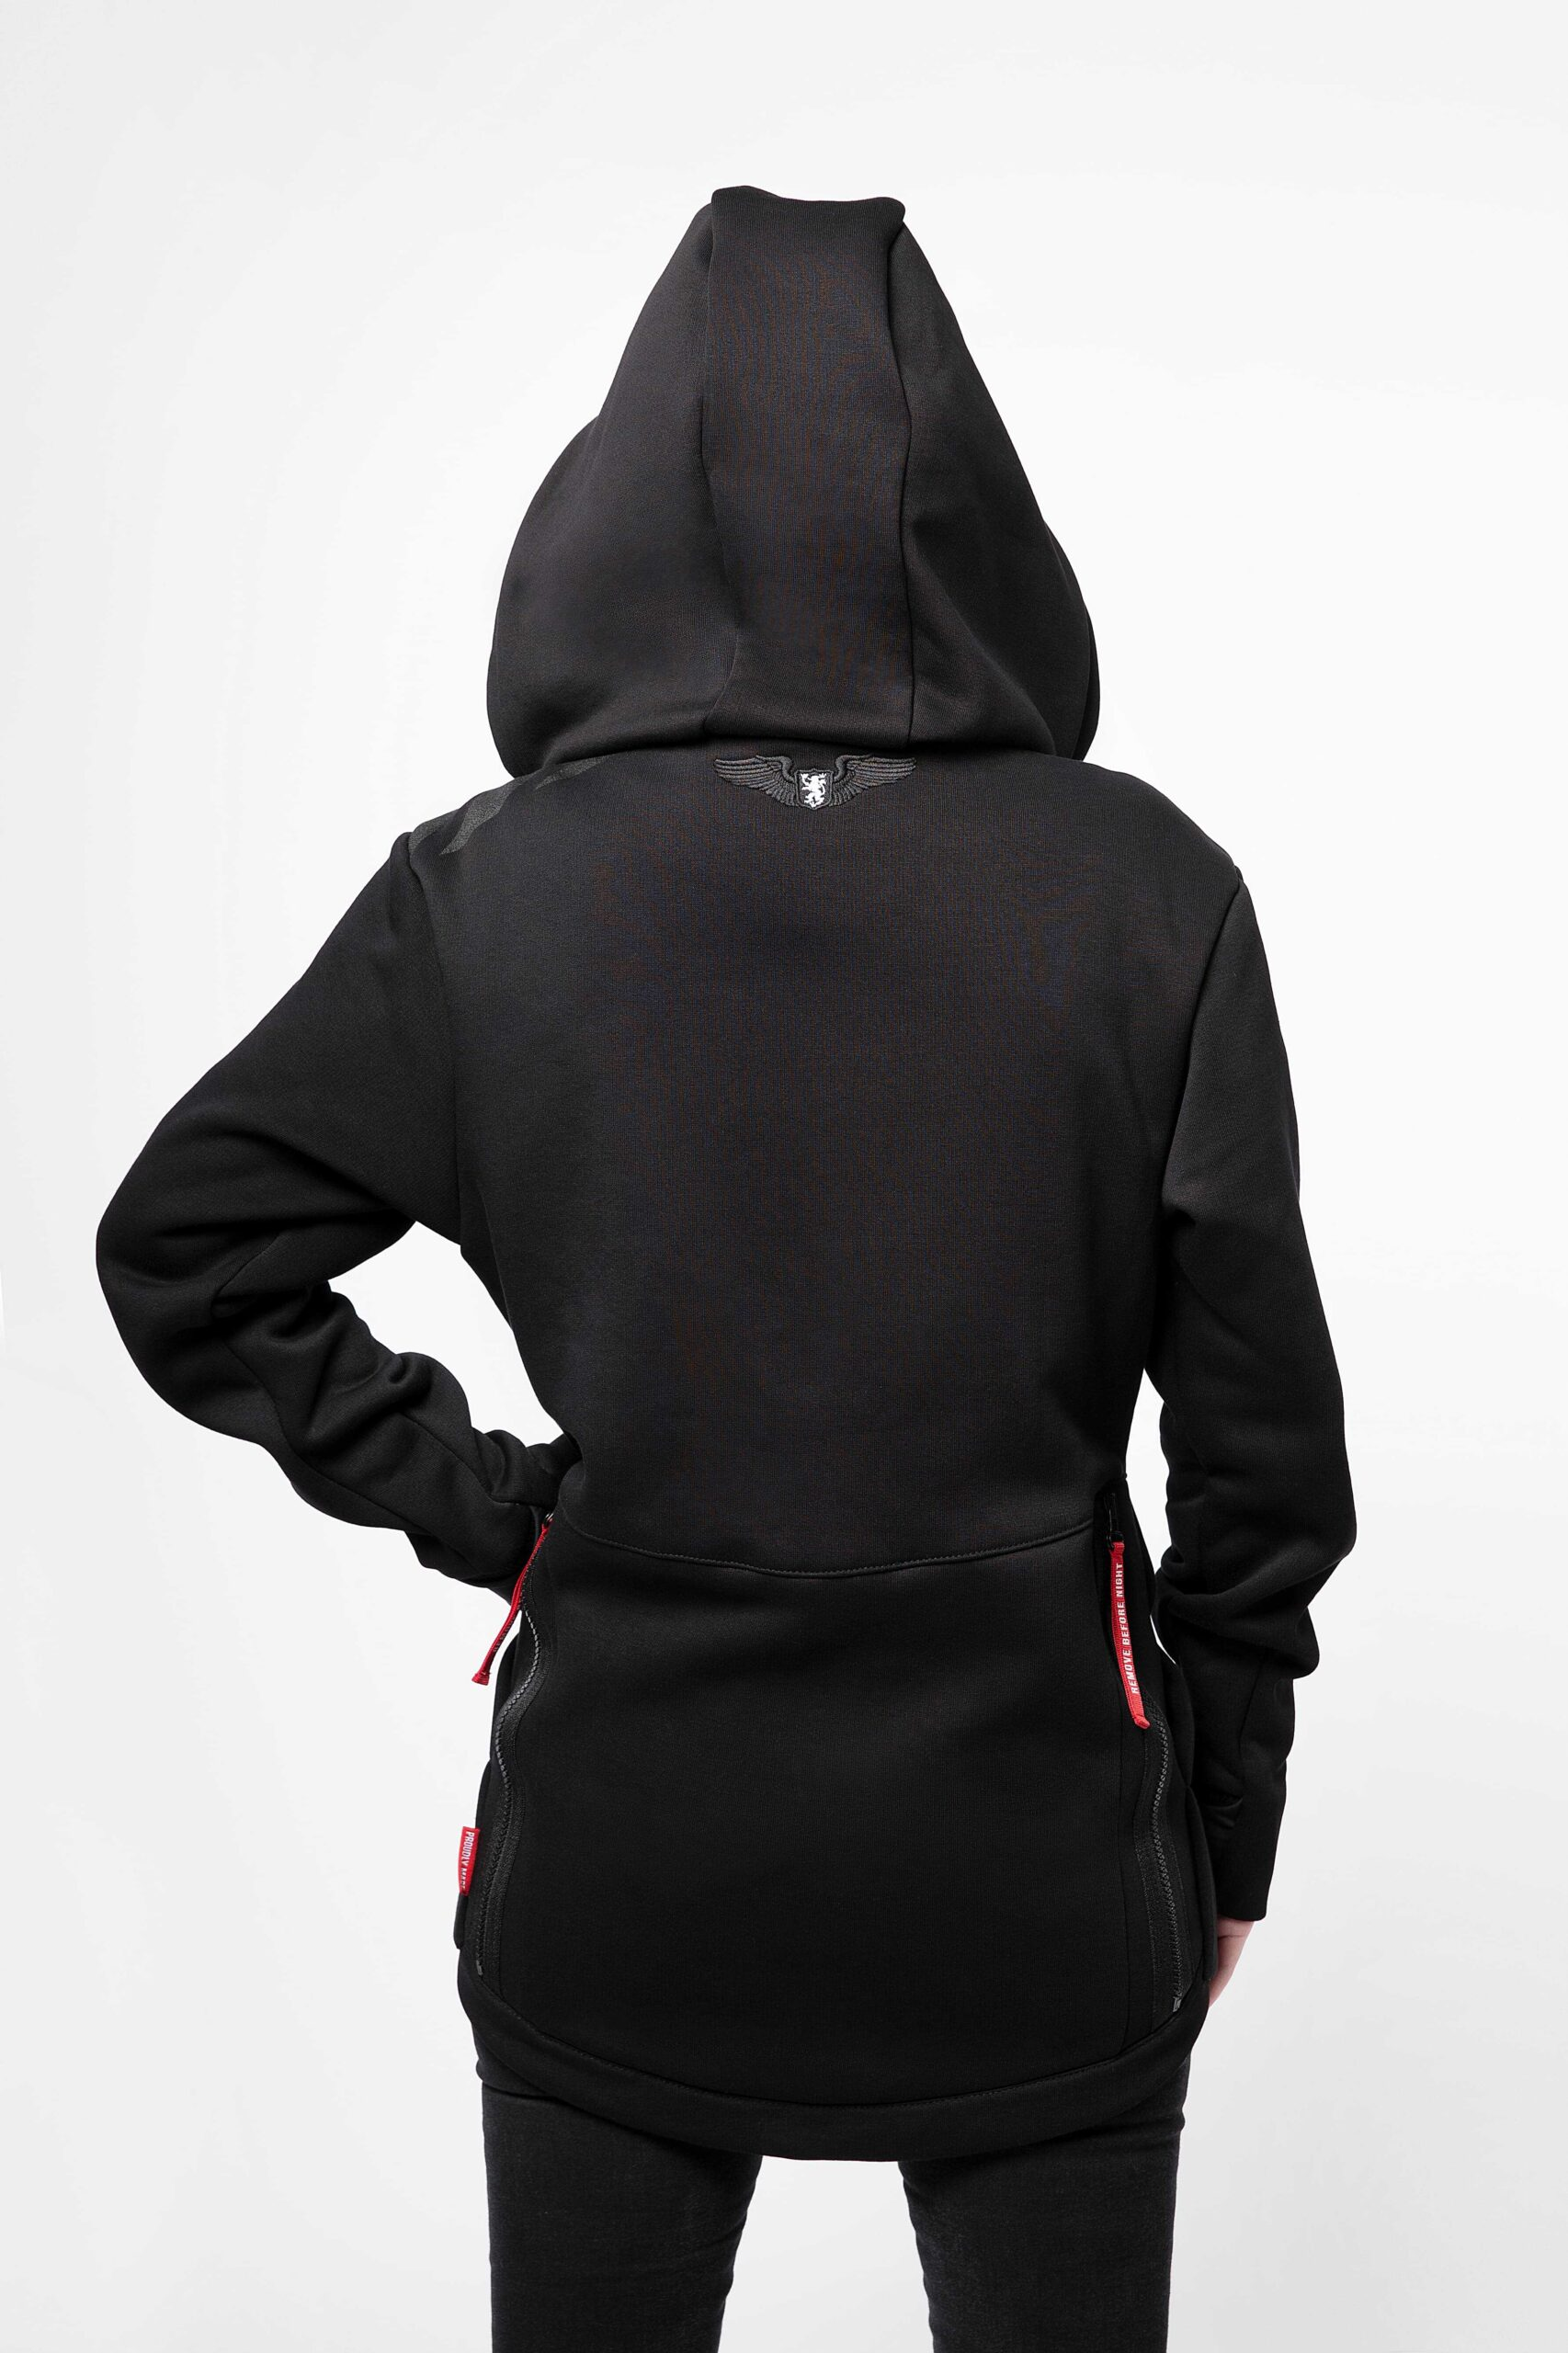 Жіноче Худі Злітна Смуга. Колір чорний.  Розмір на моделі: XS.